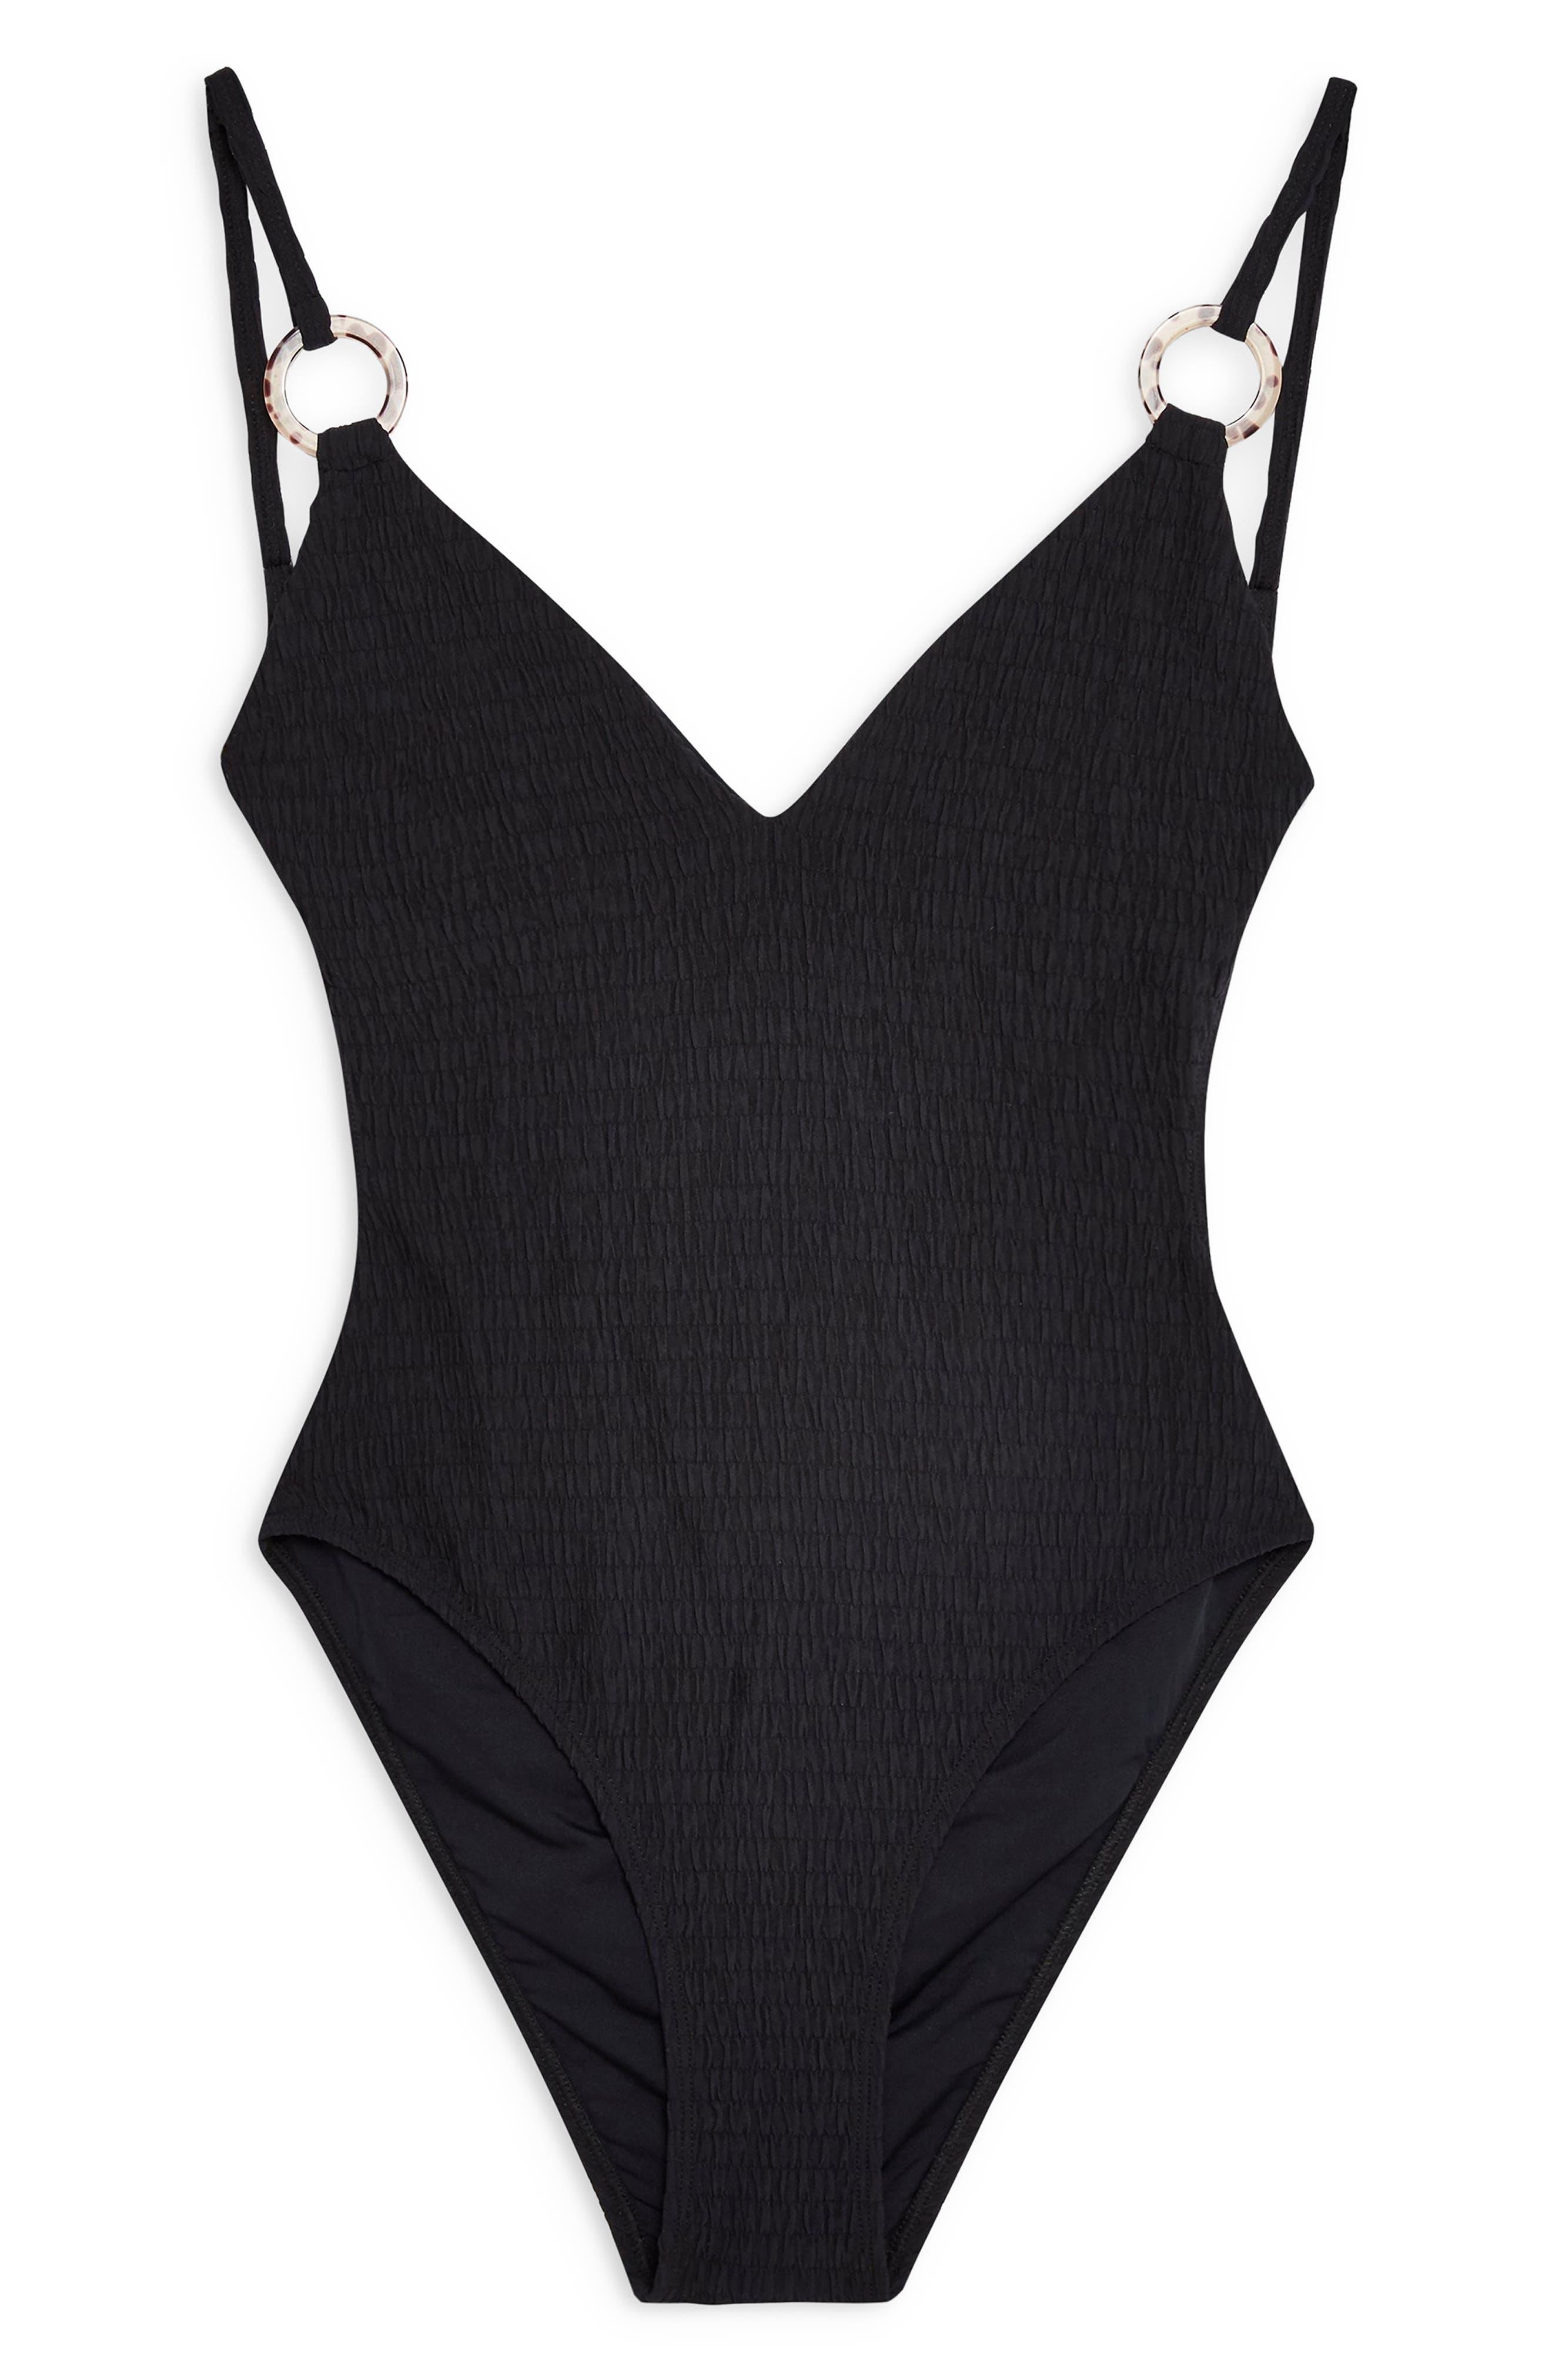 TOPSHOP,                             Plunge One-Piece Swimsuit,                             Alternate thumbnail 4, color,                             BLACK